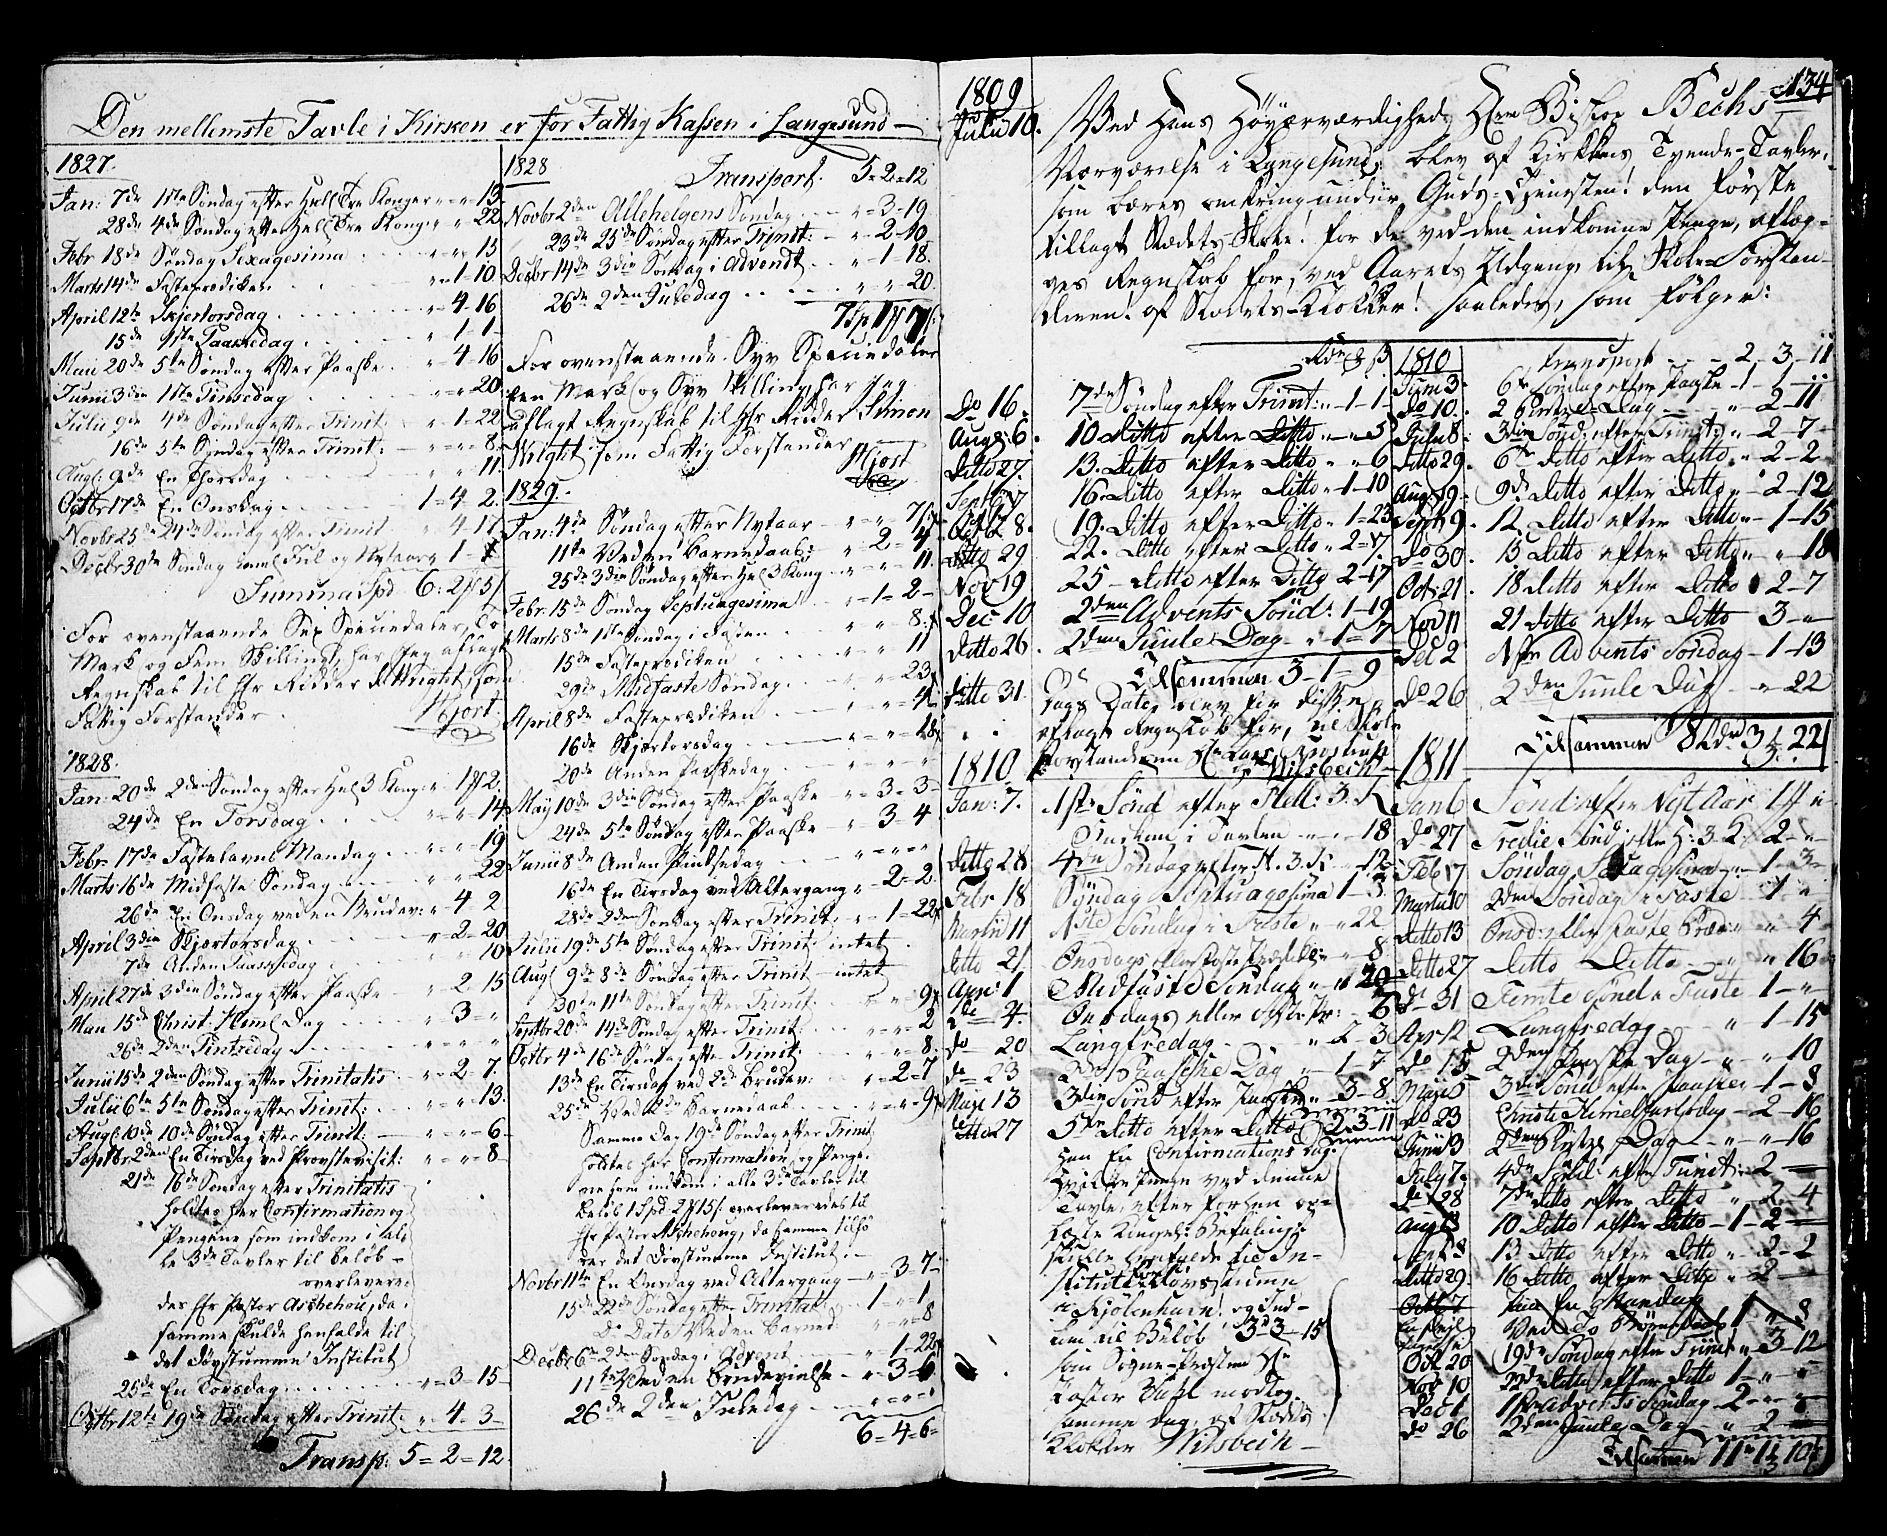 SAKO, Langesund kirkebøker, G/Ga/L0002: Klokkerbok nr. 2, 1801-1815, s. 134